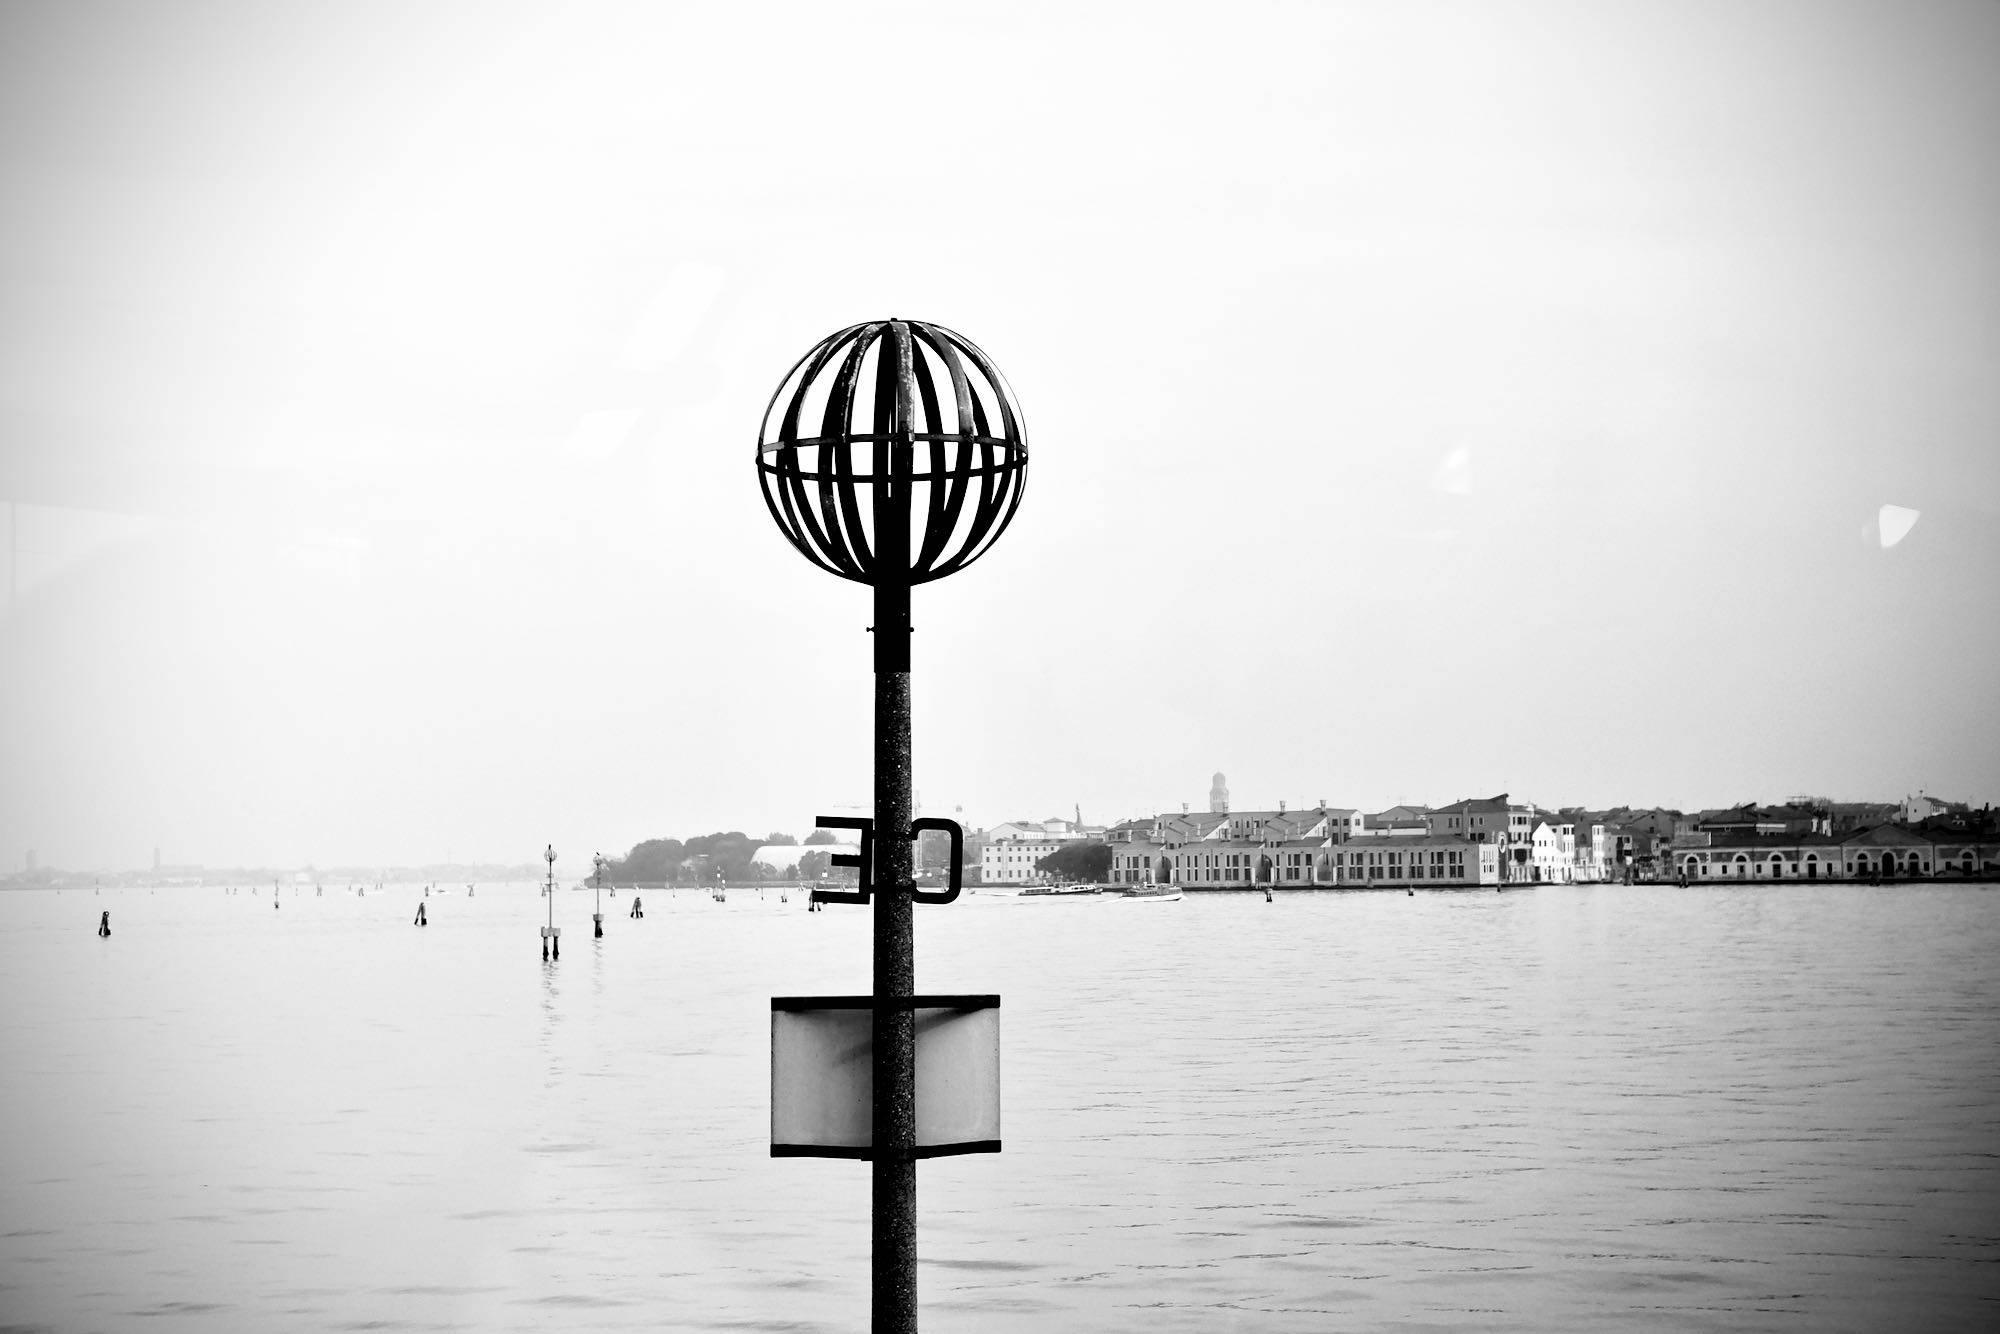 Massimiliano Scarpa_photographer_fotografo_Venezia_Pontr della Libertà_2017-335836366